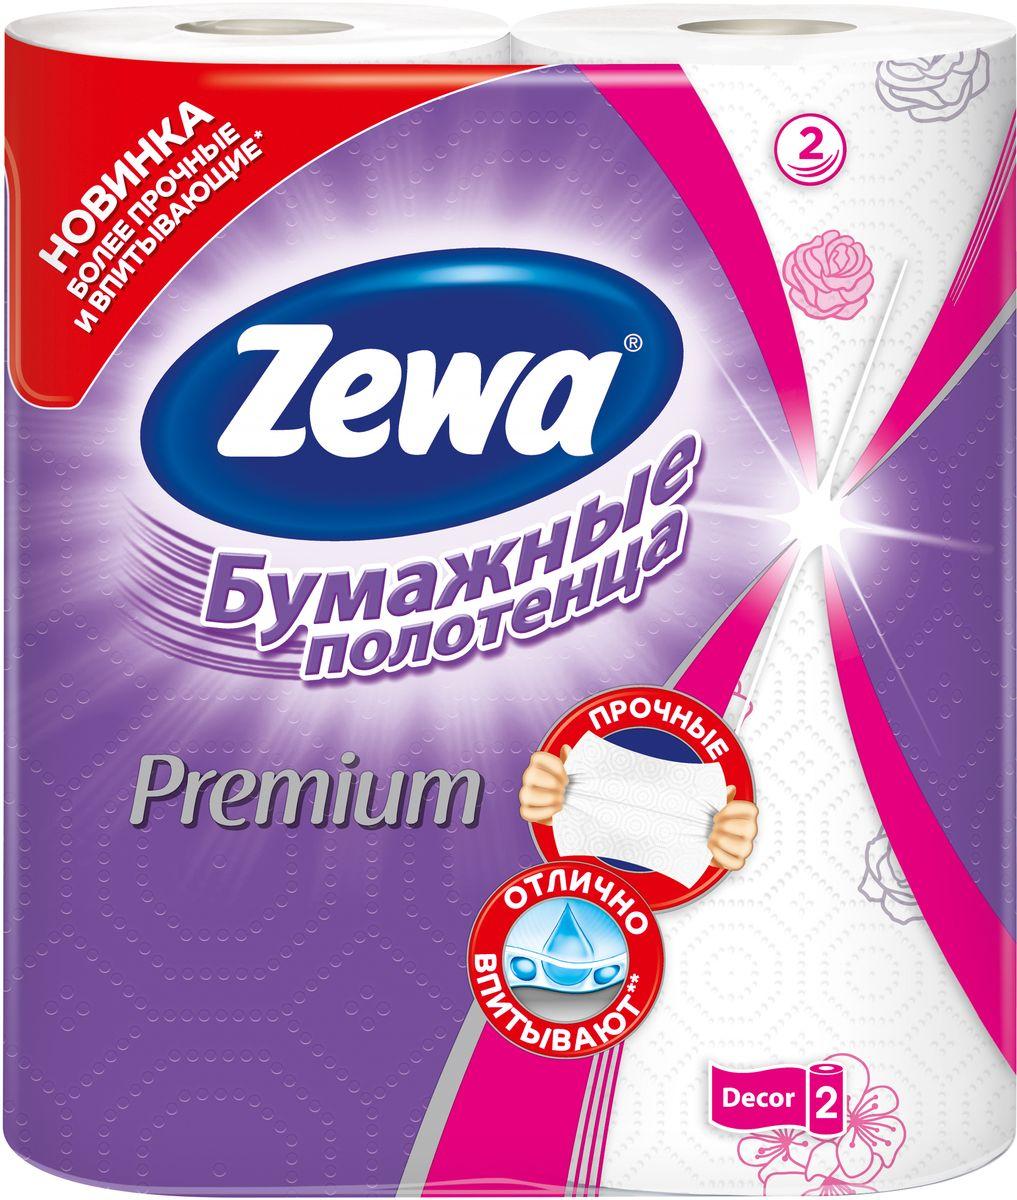 Бумажные полотенца Zewa Premium Decor, 2 рулона10503Белые 2-х слойные бумажные полотенца улучшенного качества с цветным рисунком 2 рулона в упаковке Состав: целлюлоза Производство: Россия